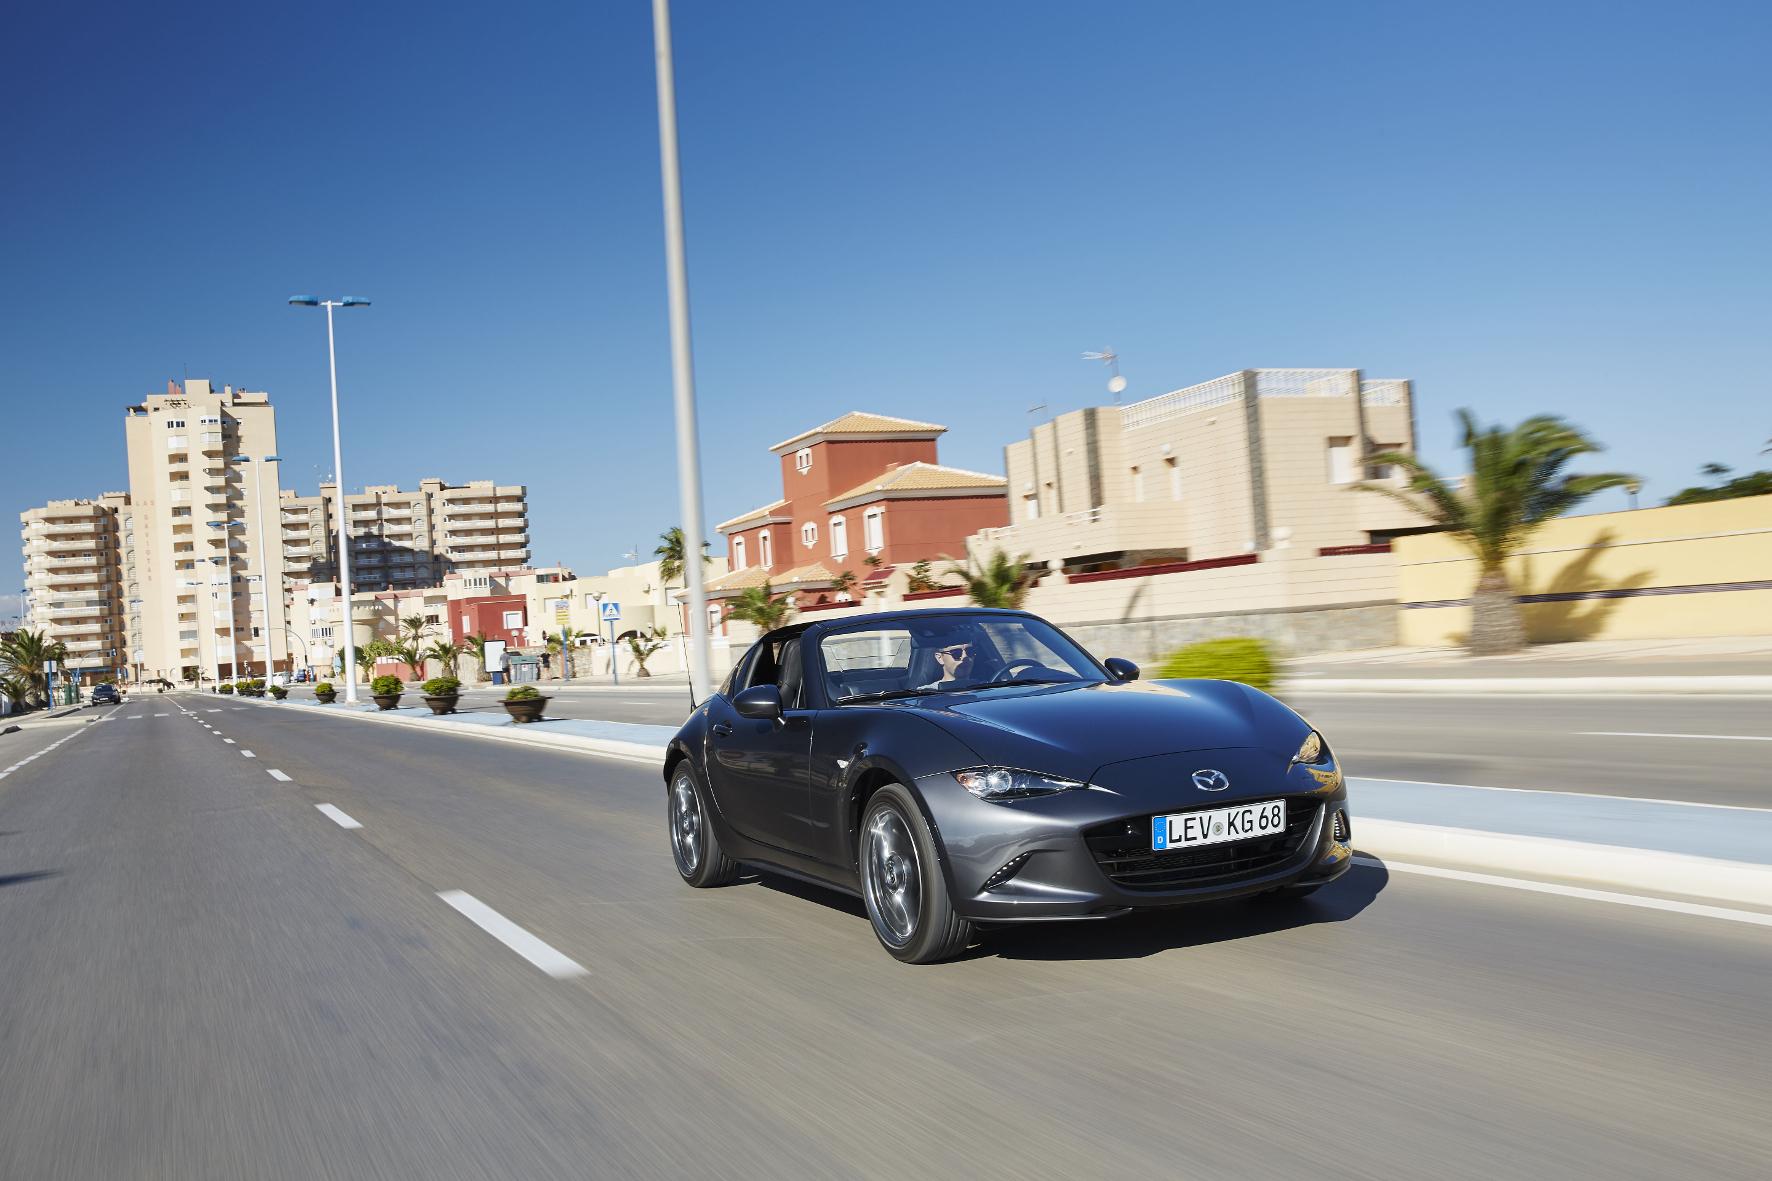 mid Barcelona - Der Kultroadster als Targa: Den Mazda MX-5 gibt es jetzt als RF auch mit Klappdach und feststehender B-Säule.